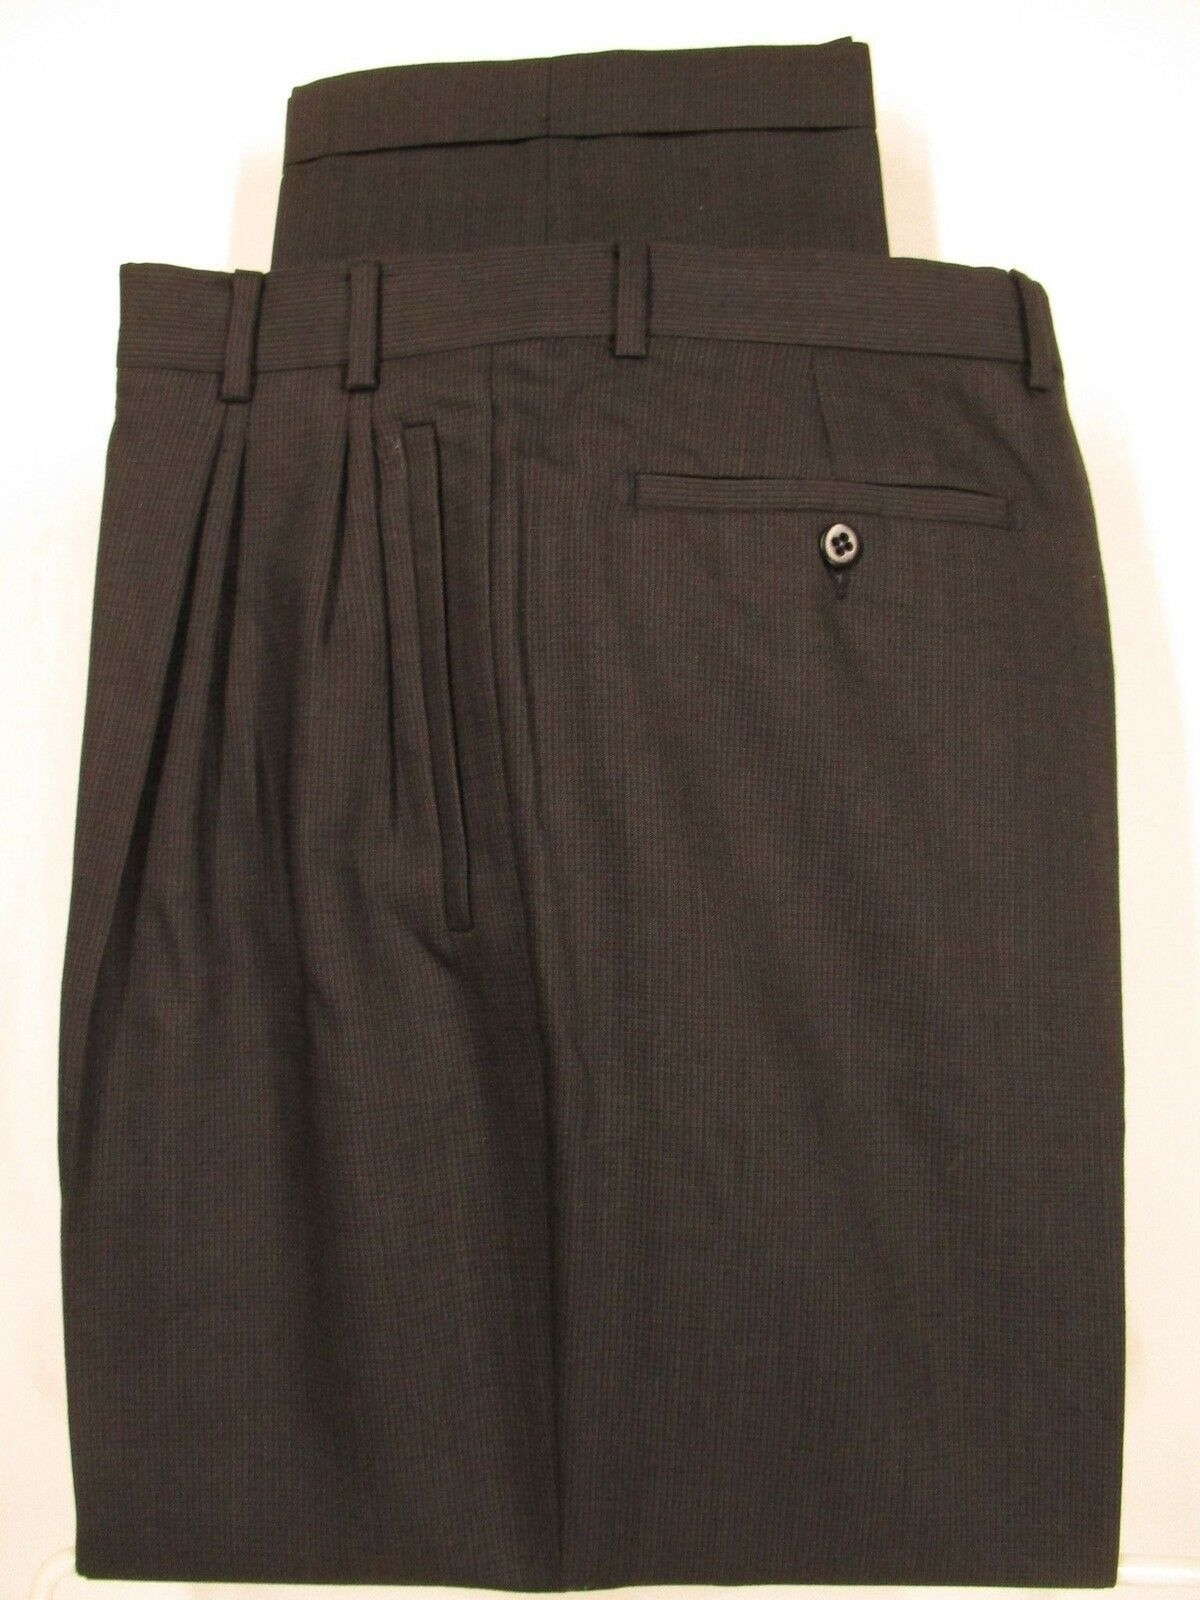 Zanella Jesse Mens Charcoal Pleated Wool Dress Pants size 35 34x29